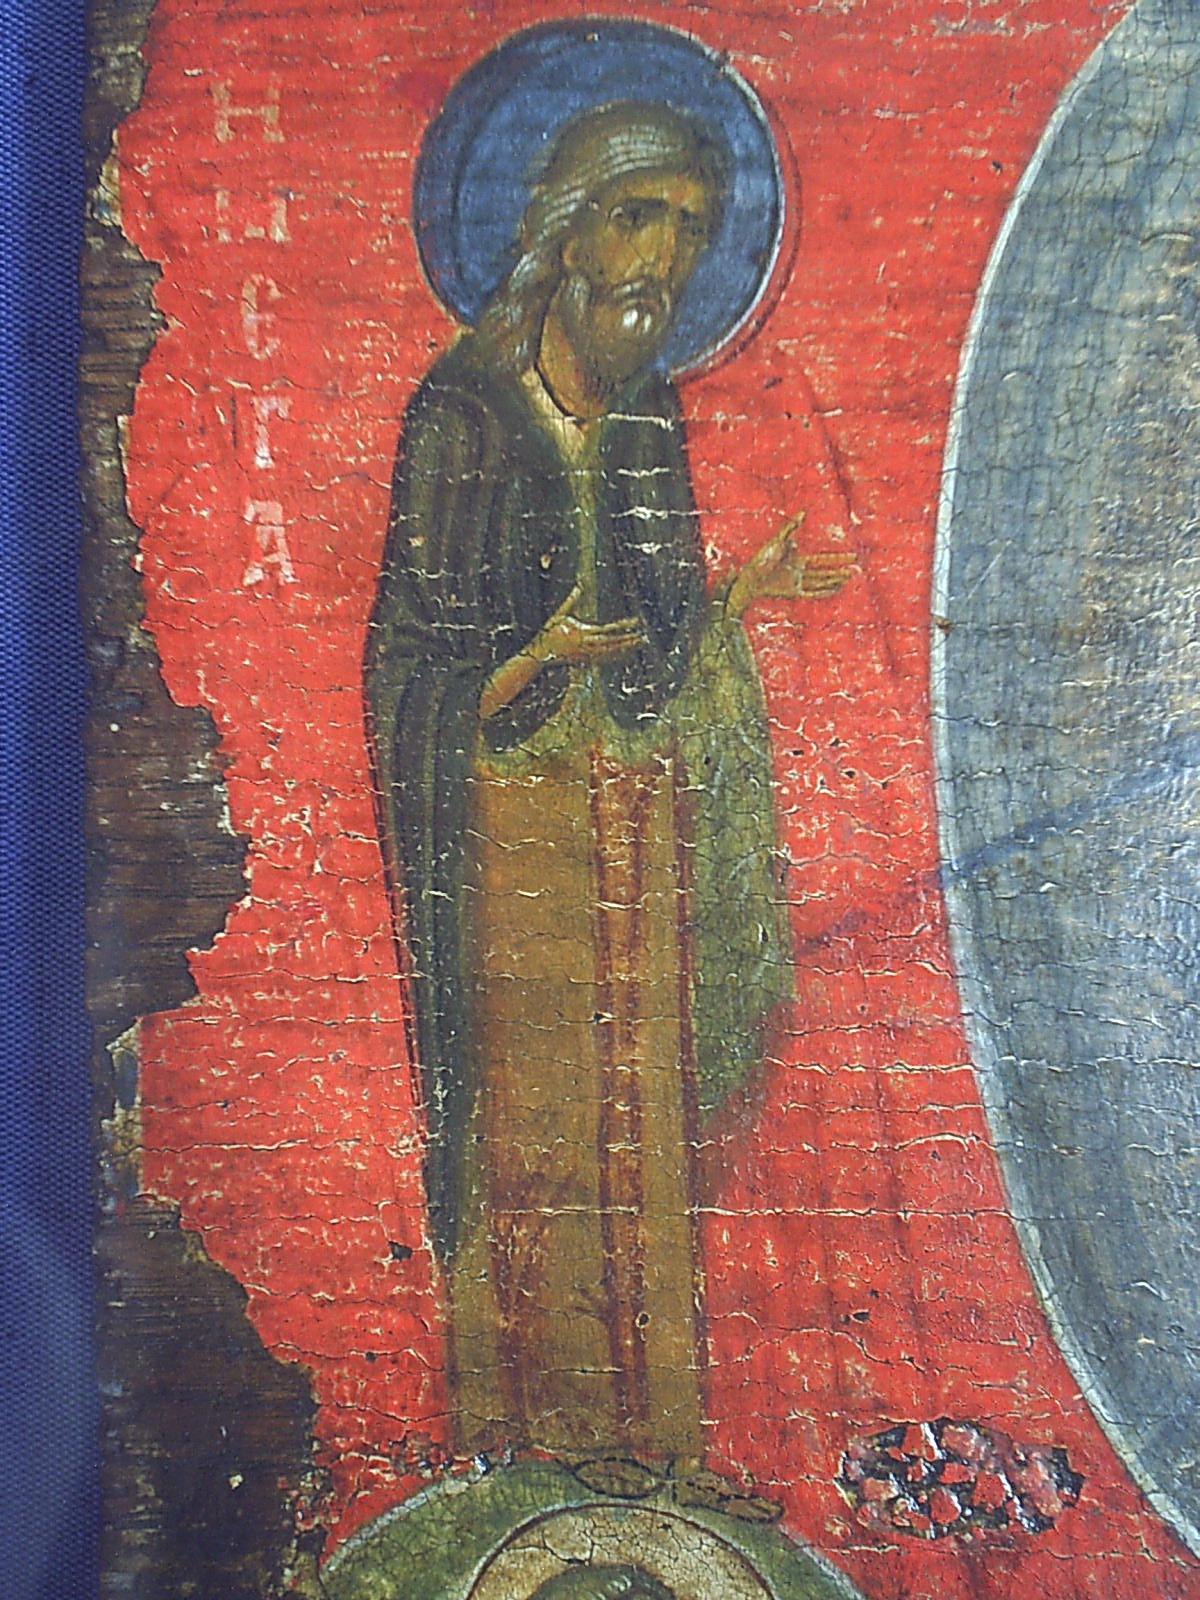 Преображение Господне. Икона. Византия, XII век. ГЭ. Фрагмент - Святой Пророк Илия.